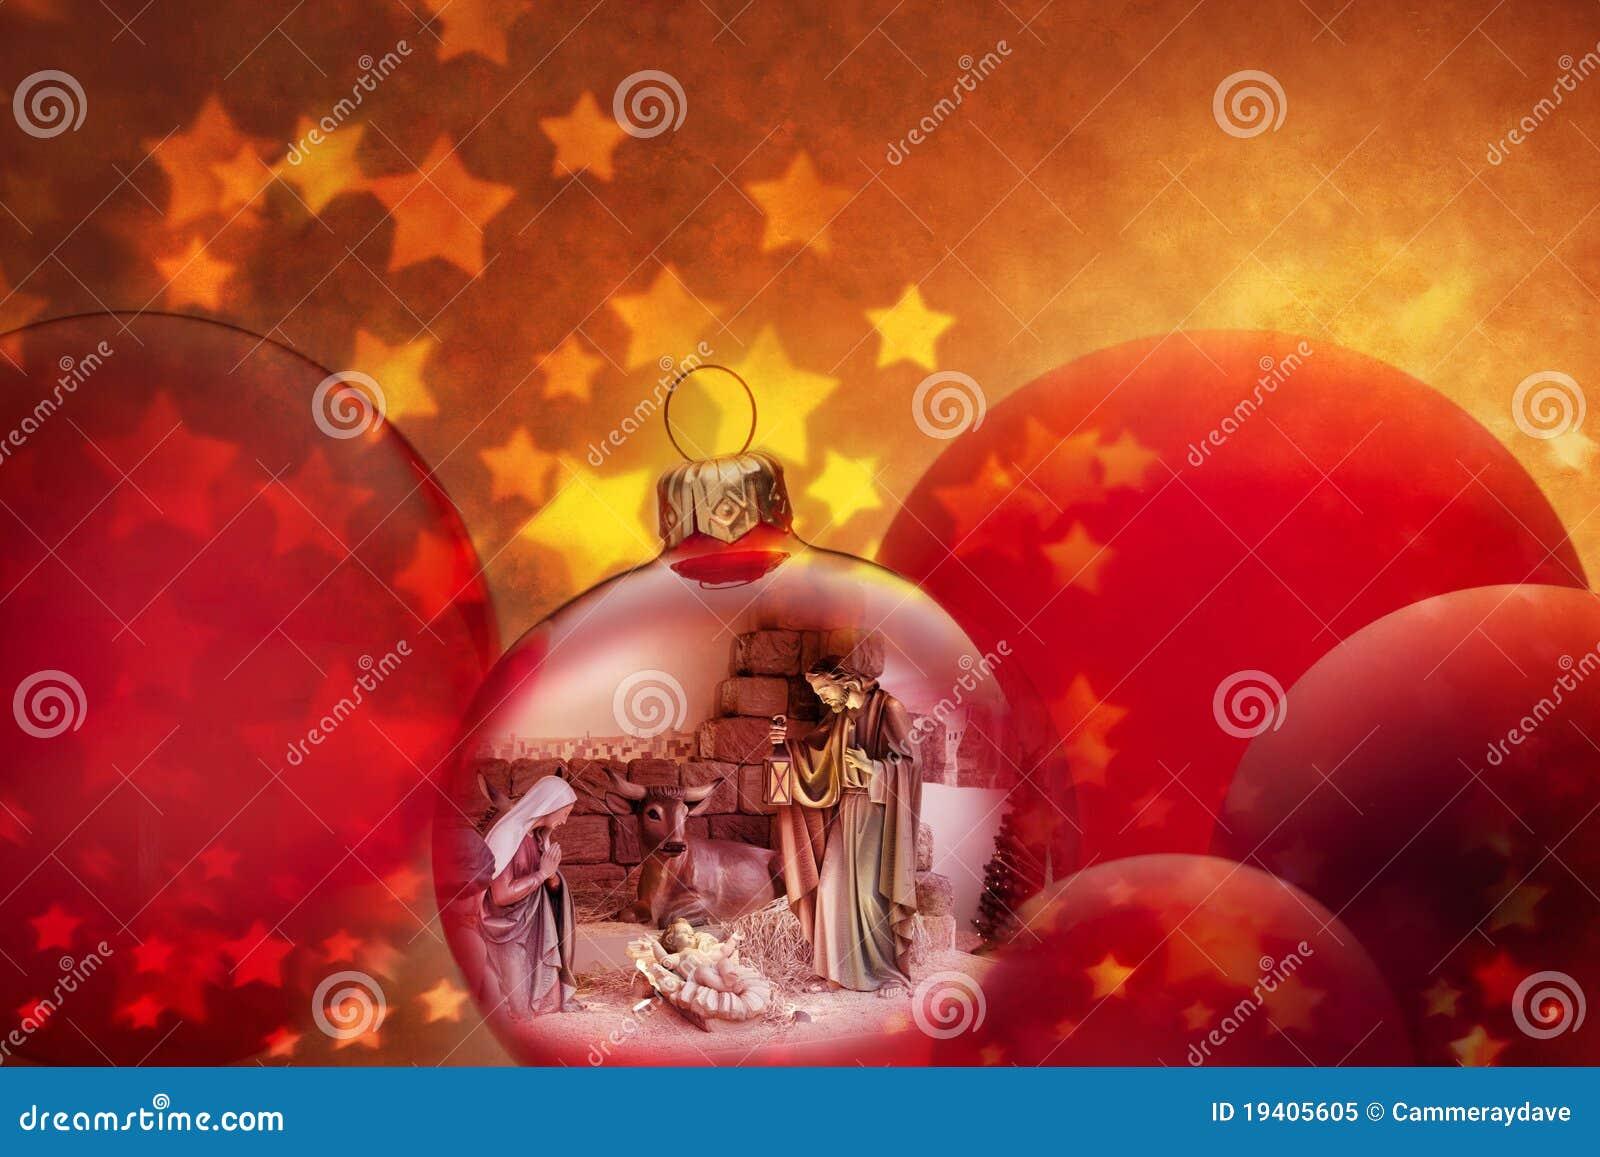 Bożego narodzenia narodzenie jezusa ornamentuje scenę